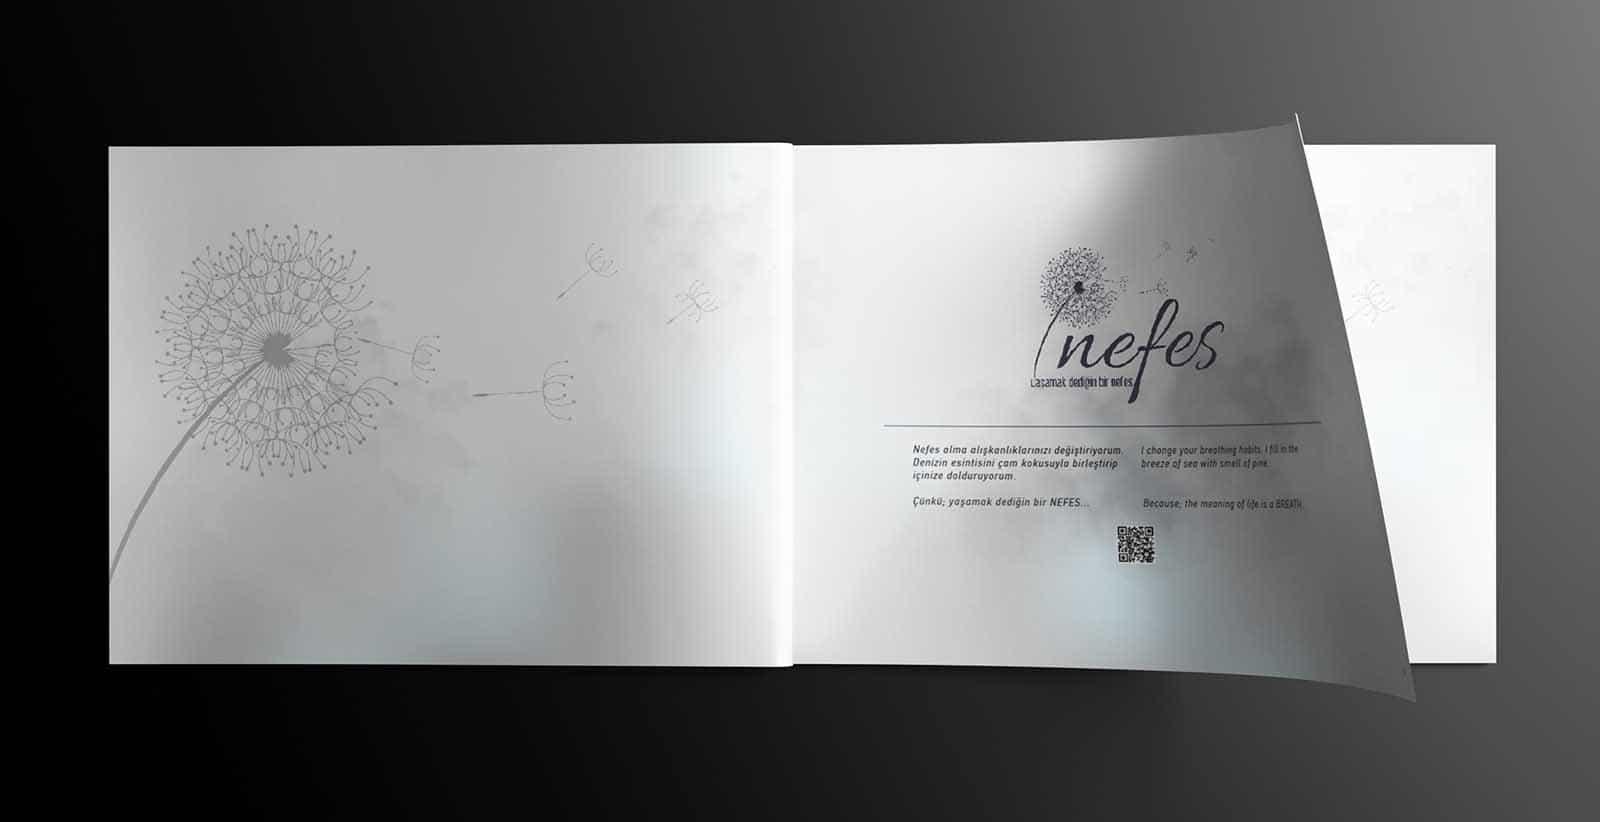 nefes-katalog (2)